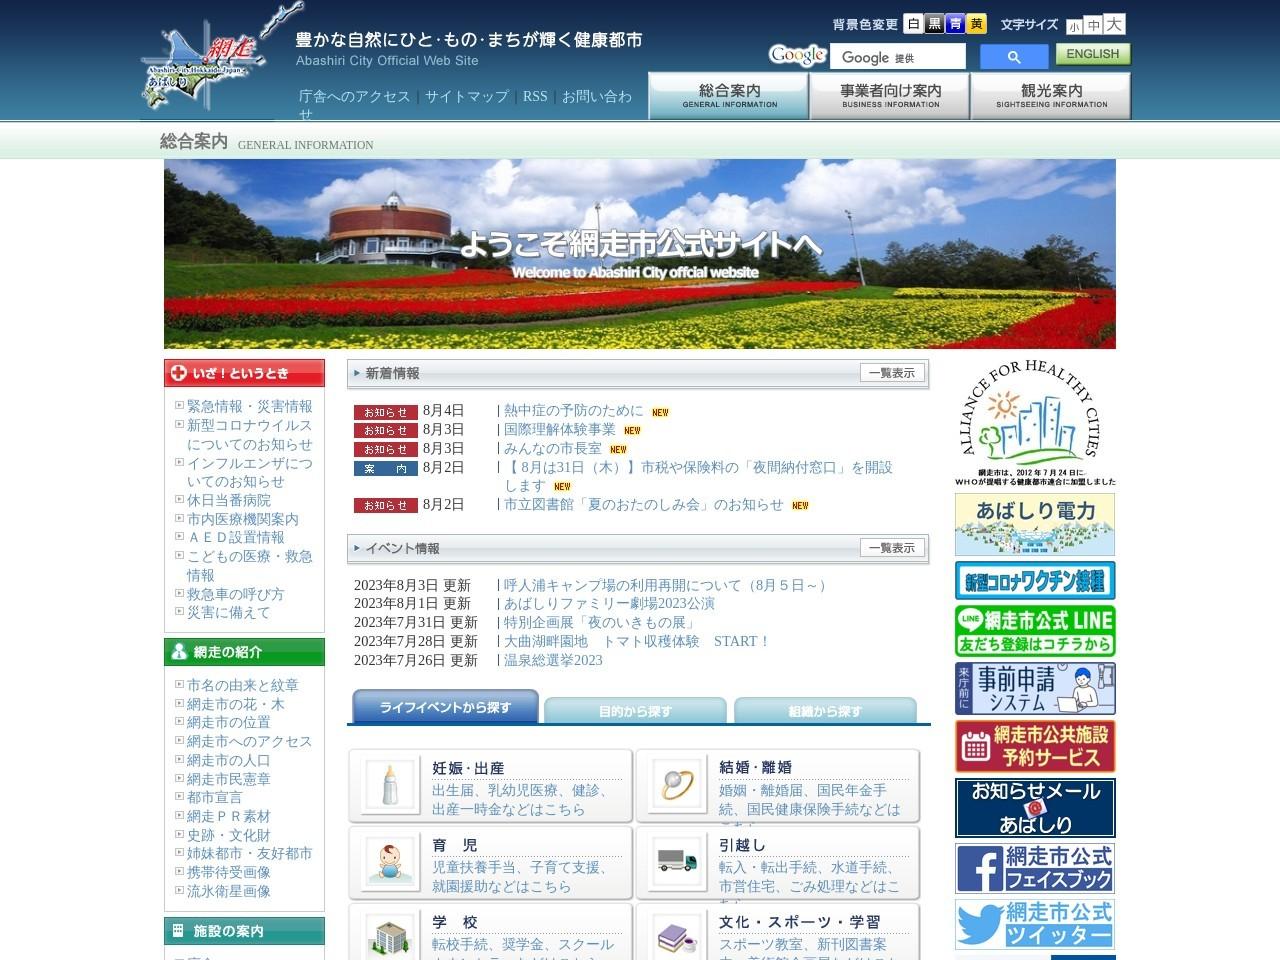 http://www.city.abashiri.hokkaido.jp/340syogyo/010shinkou/se-hutinetto4gounintei.html